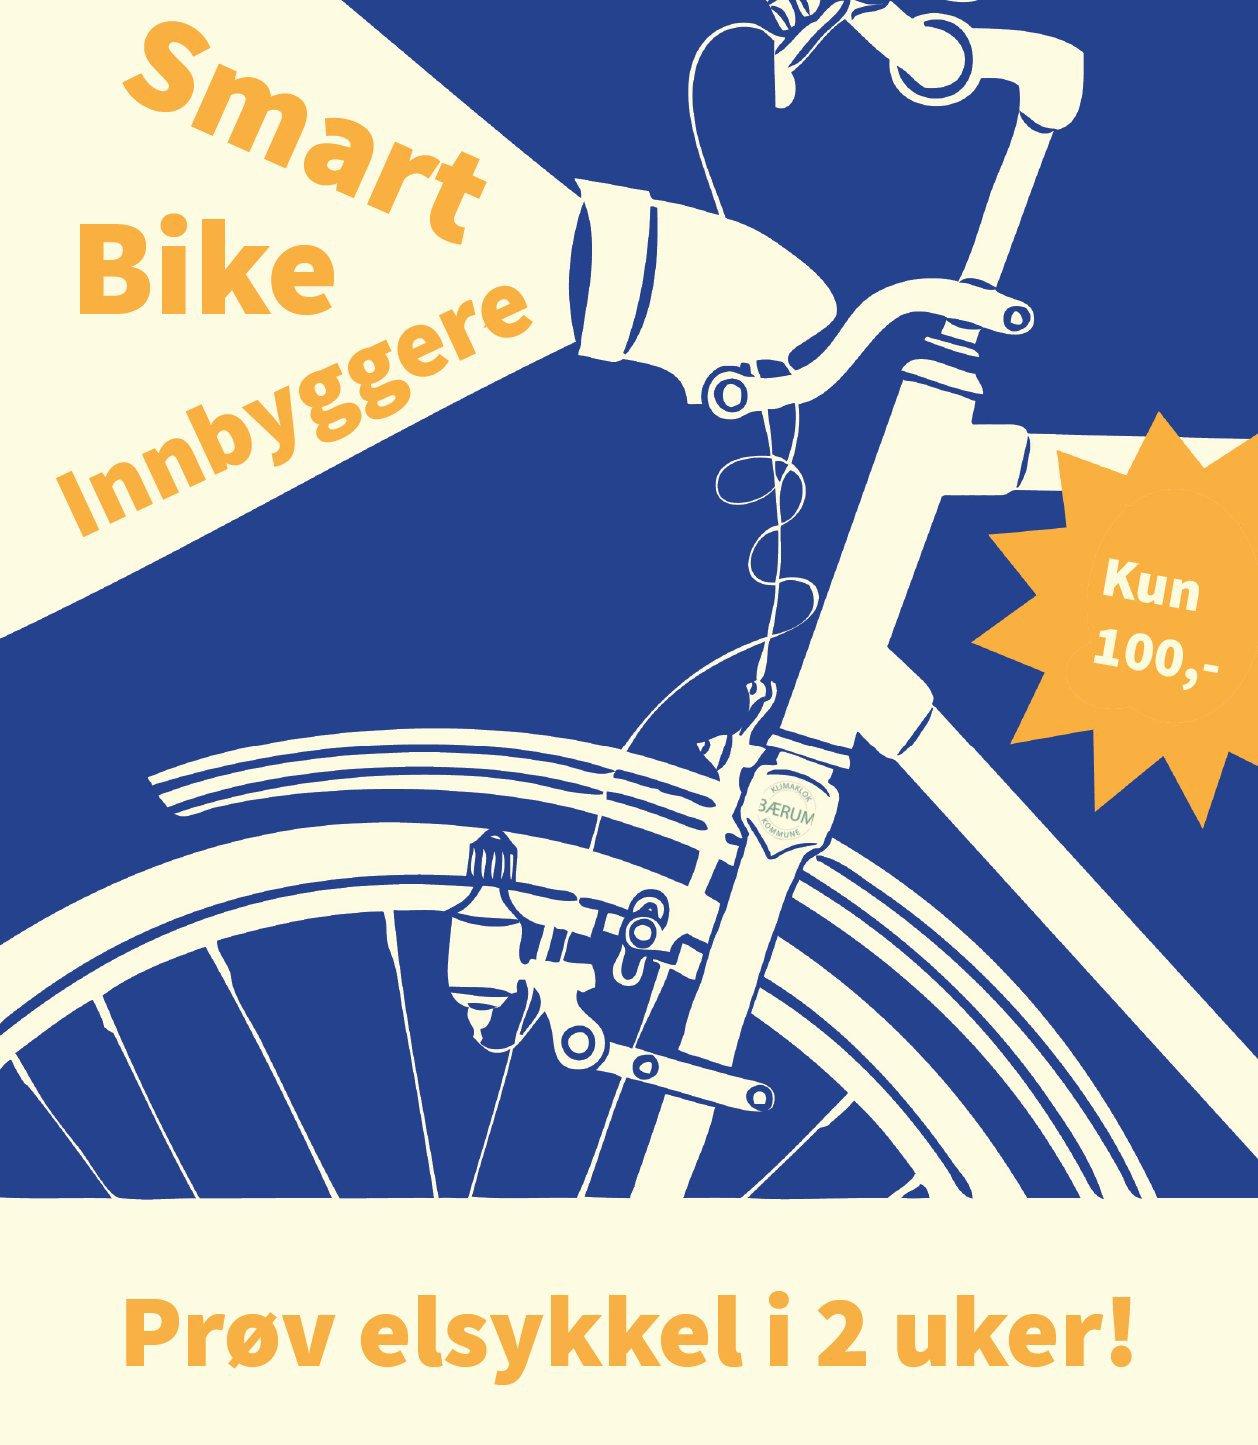 SmartBike_Intro.jpg